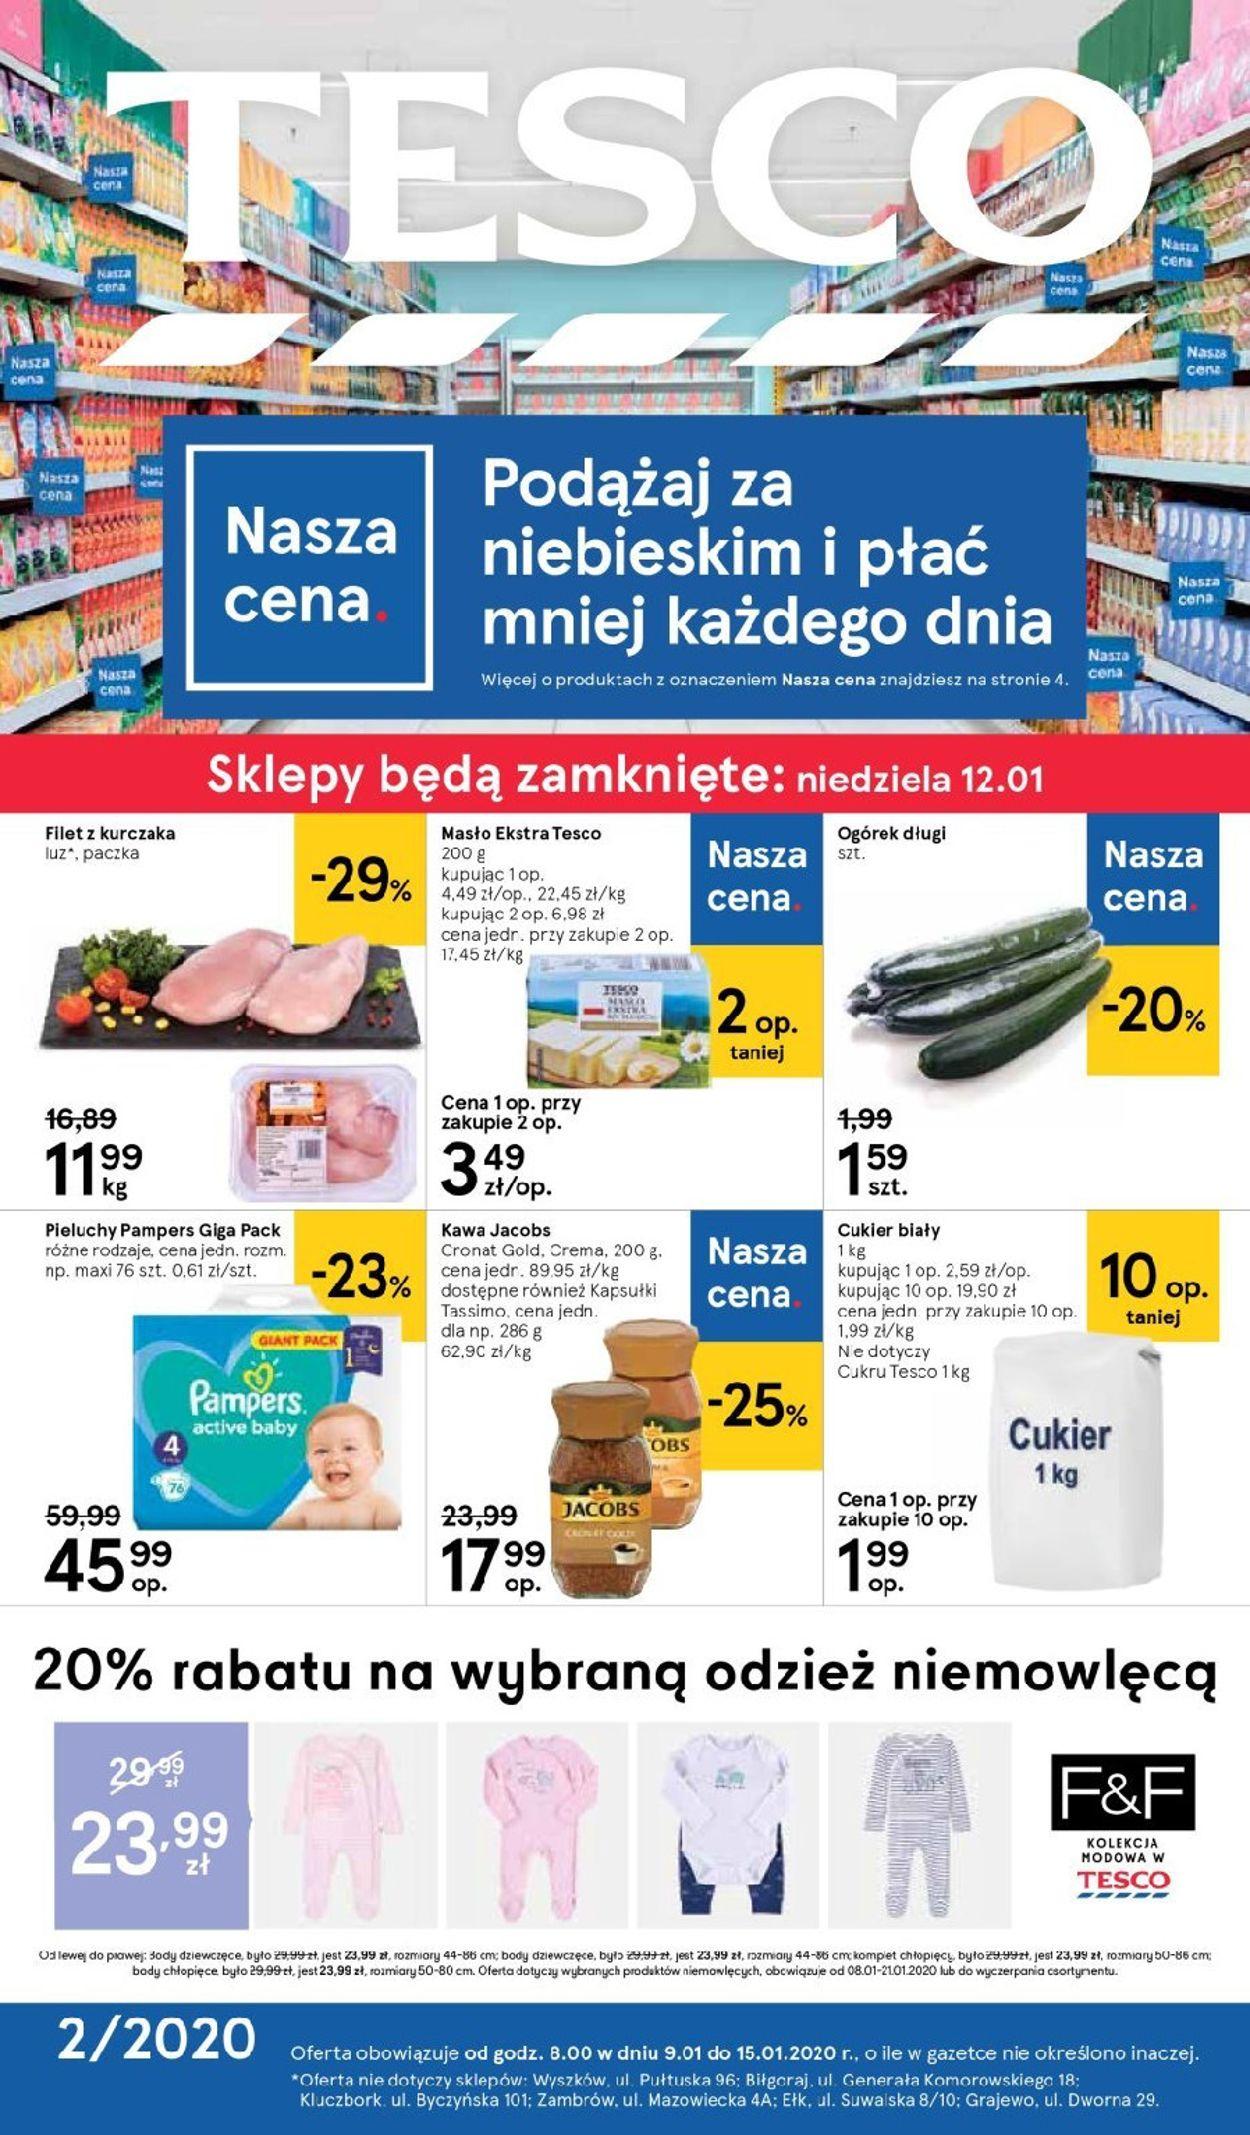 Gazetka promocyjna TESCO - 09.01-15.01.2020